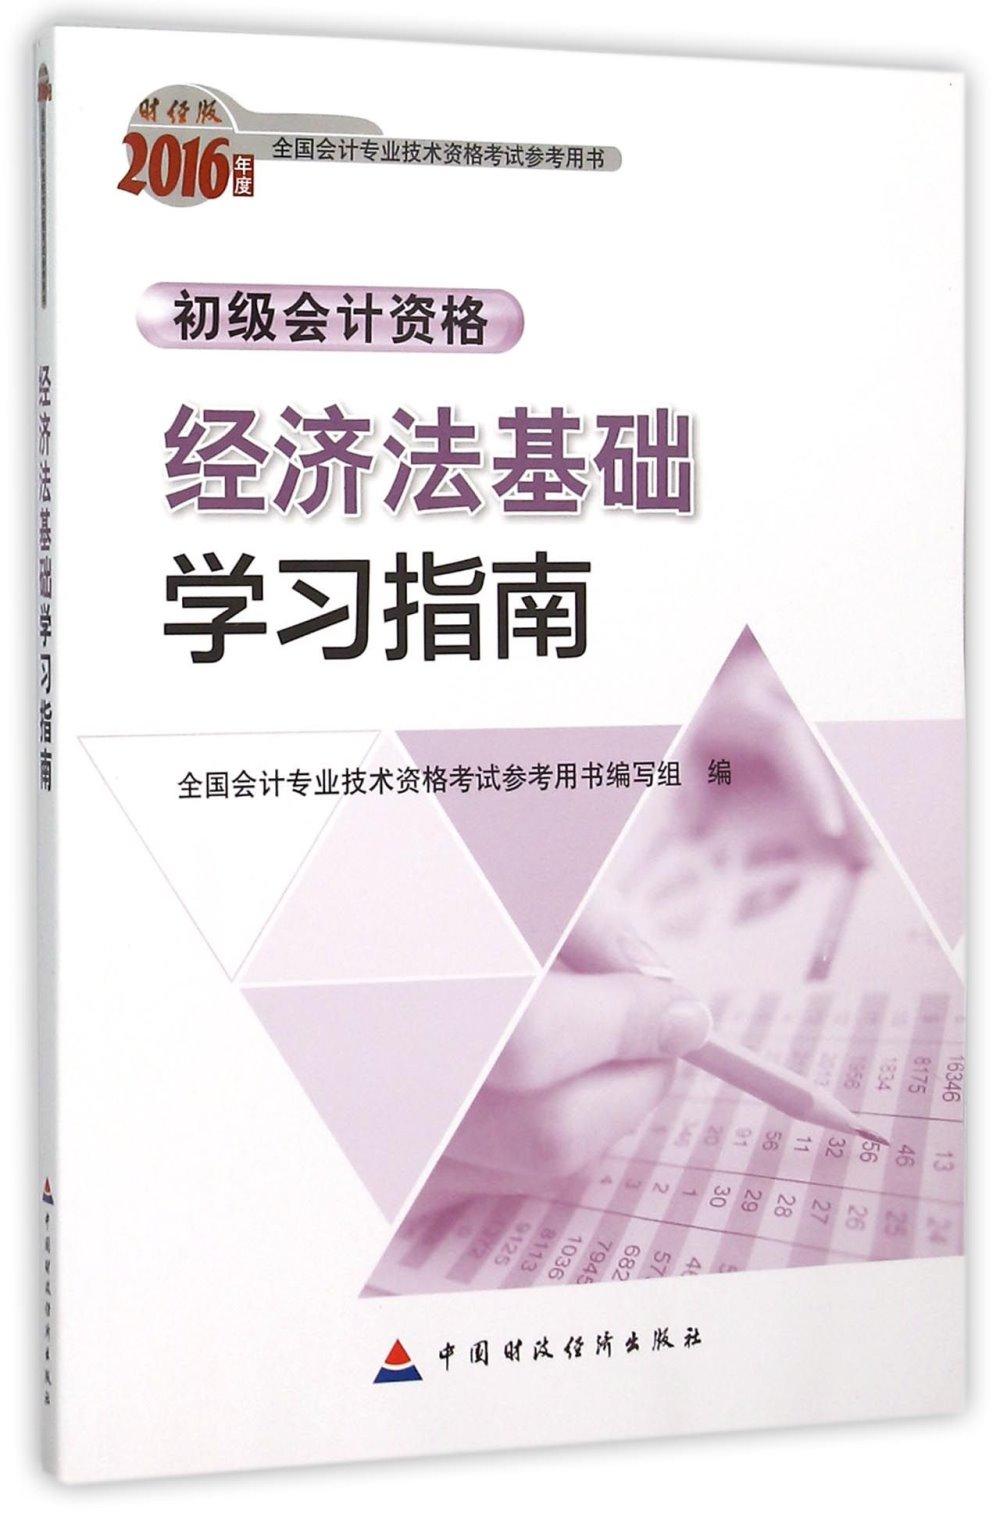 2016年度初級會計資格:經濟法基礎學習指南